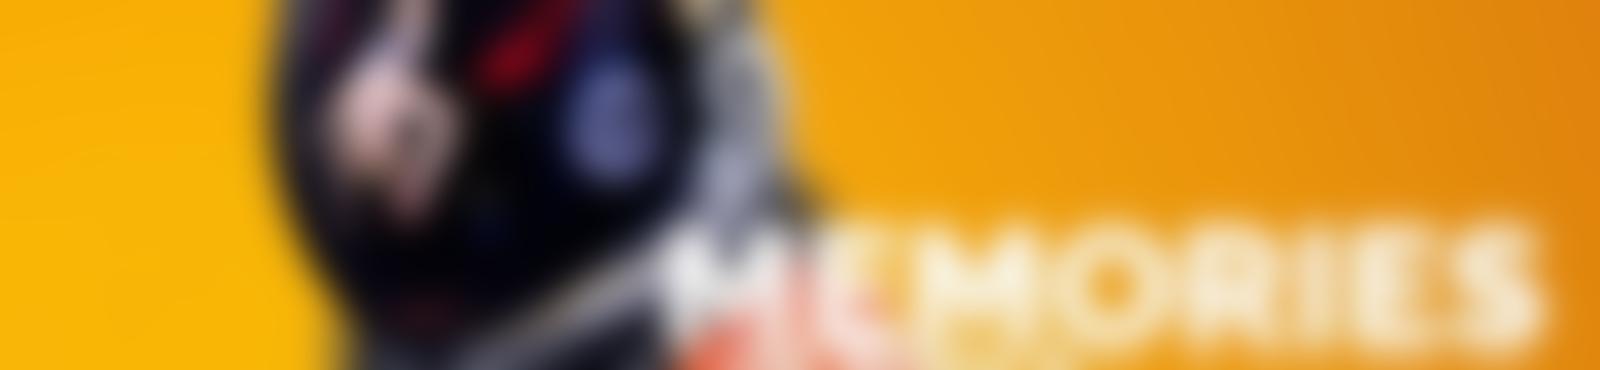 Blurred b9fc6df5 d7bf 4681 b3f2 5764192937e7